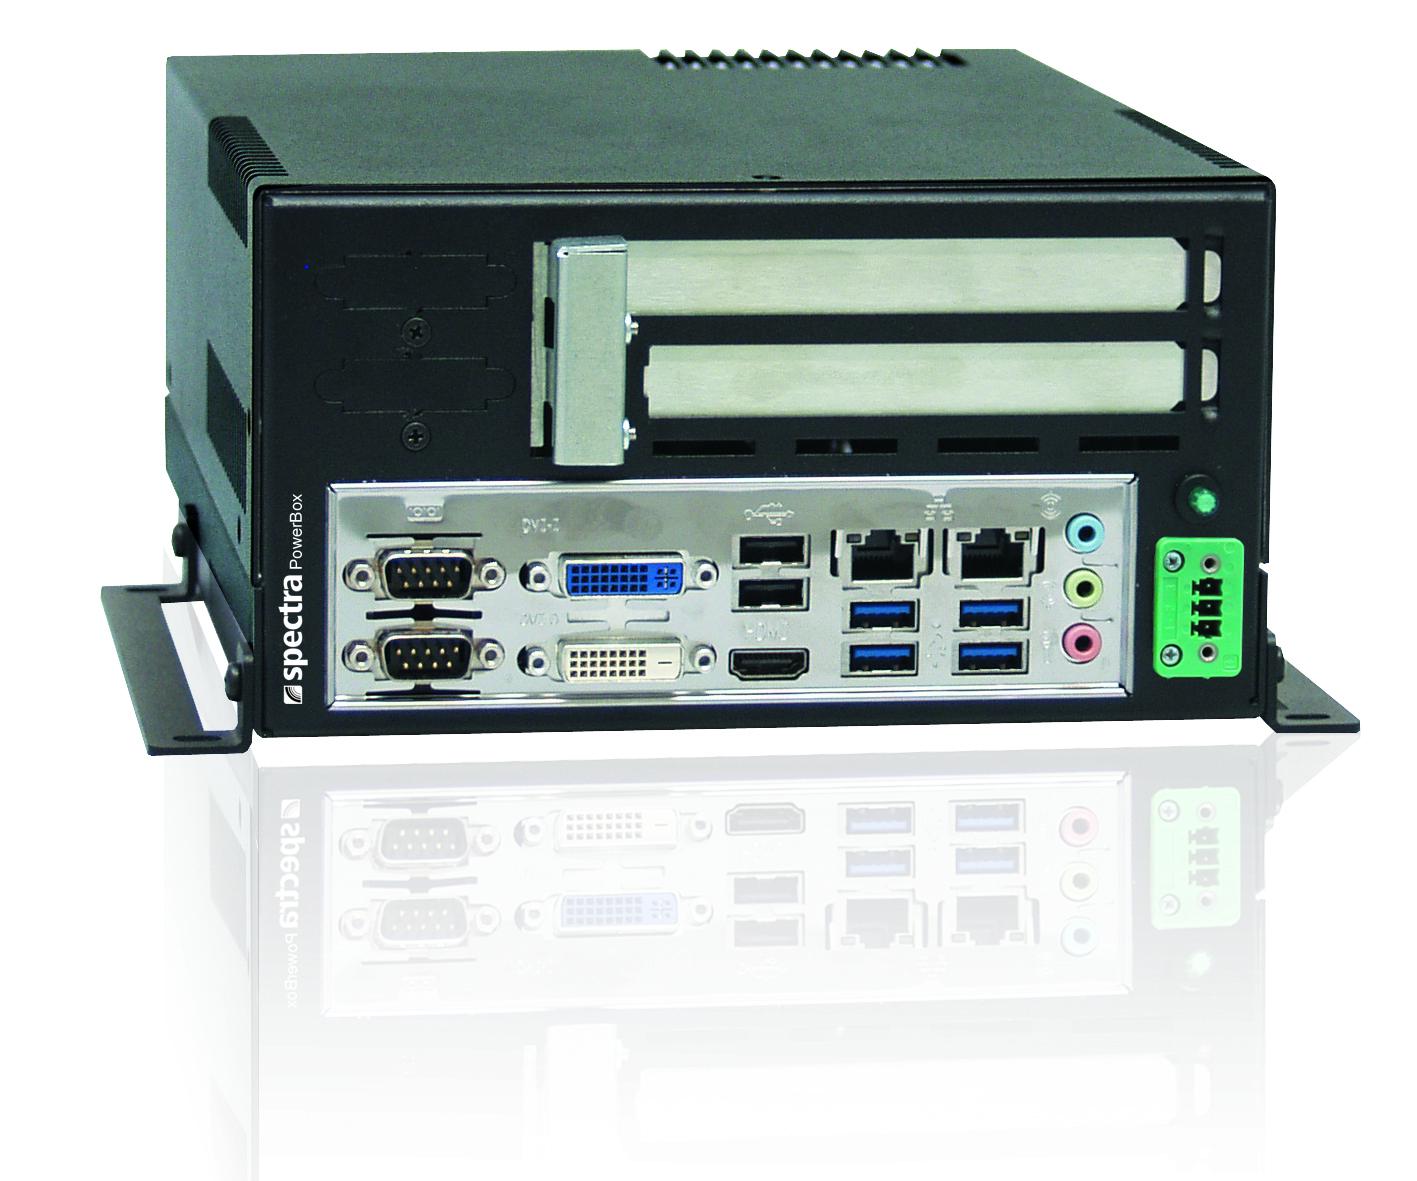 """Hochleistungs-Kompakt-PC mit modernster """"Haswell"""" Prozessortechnik"""